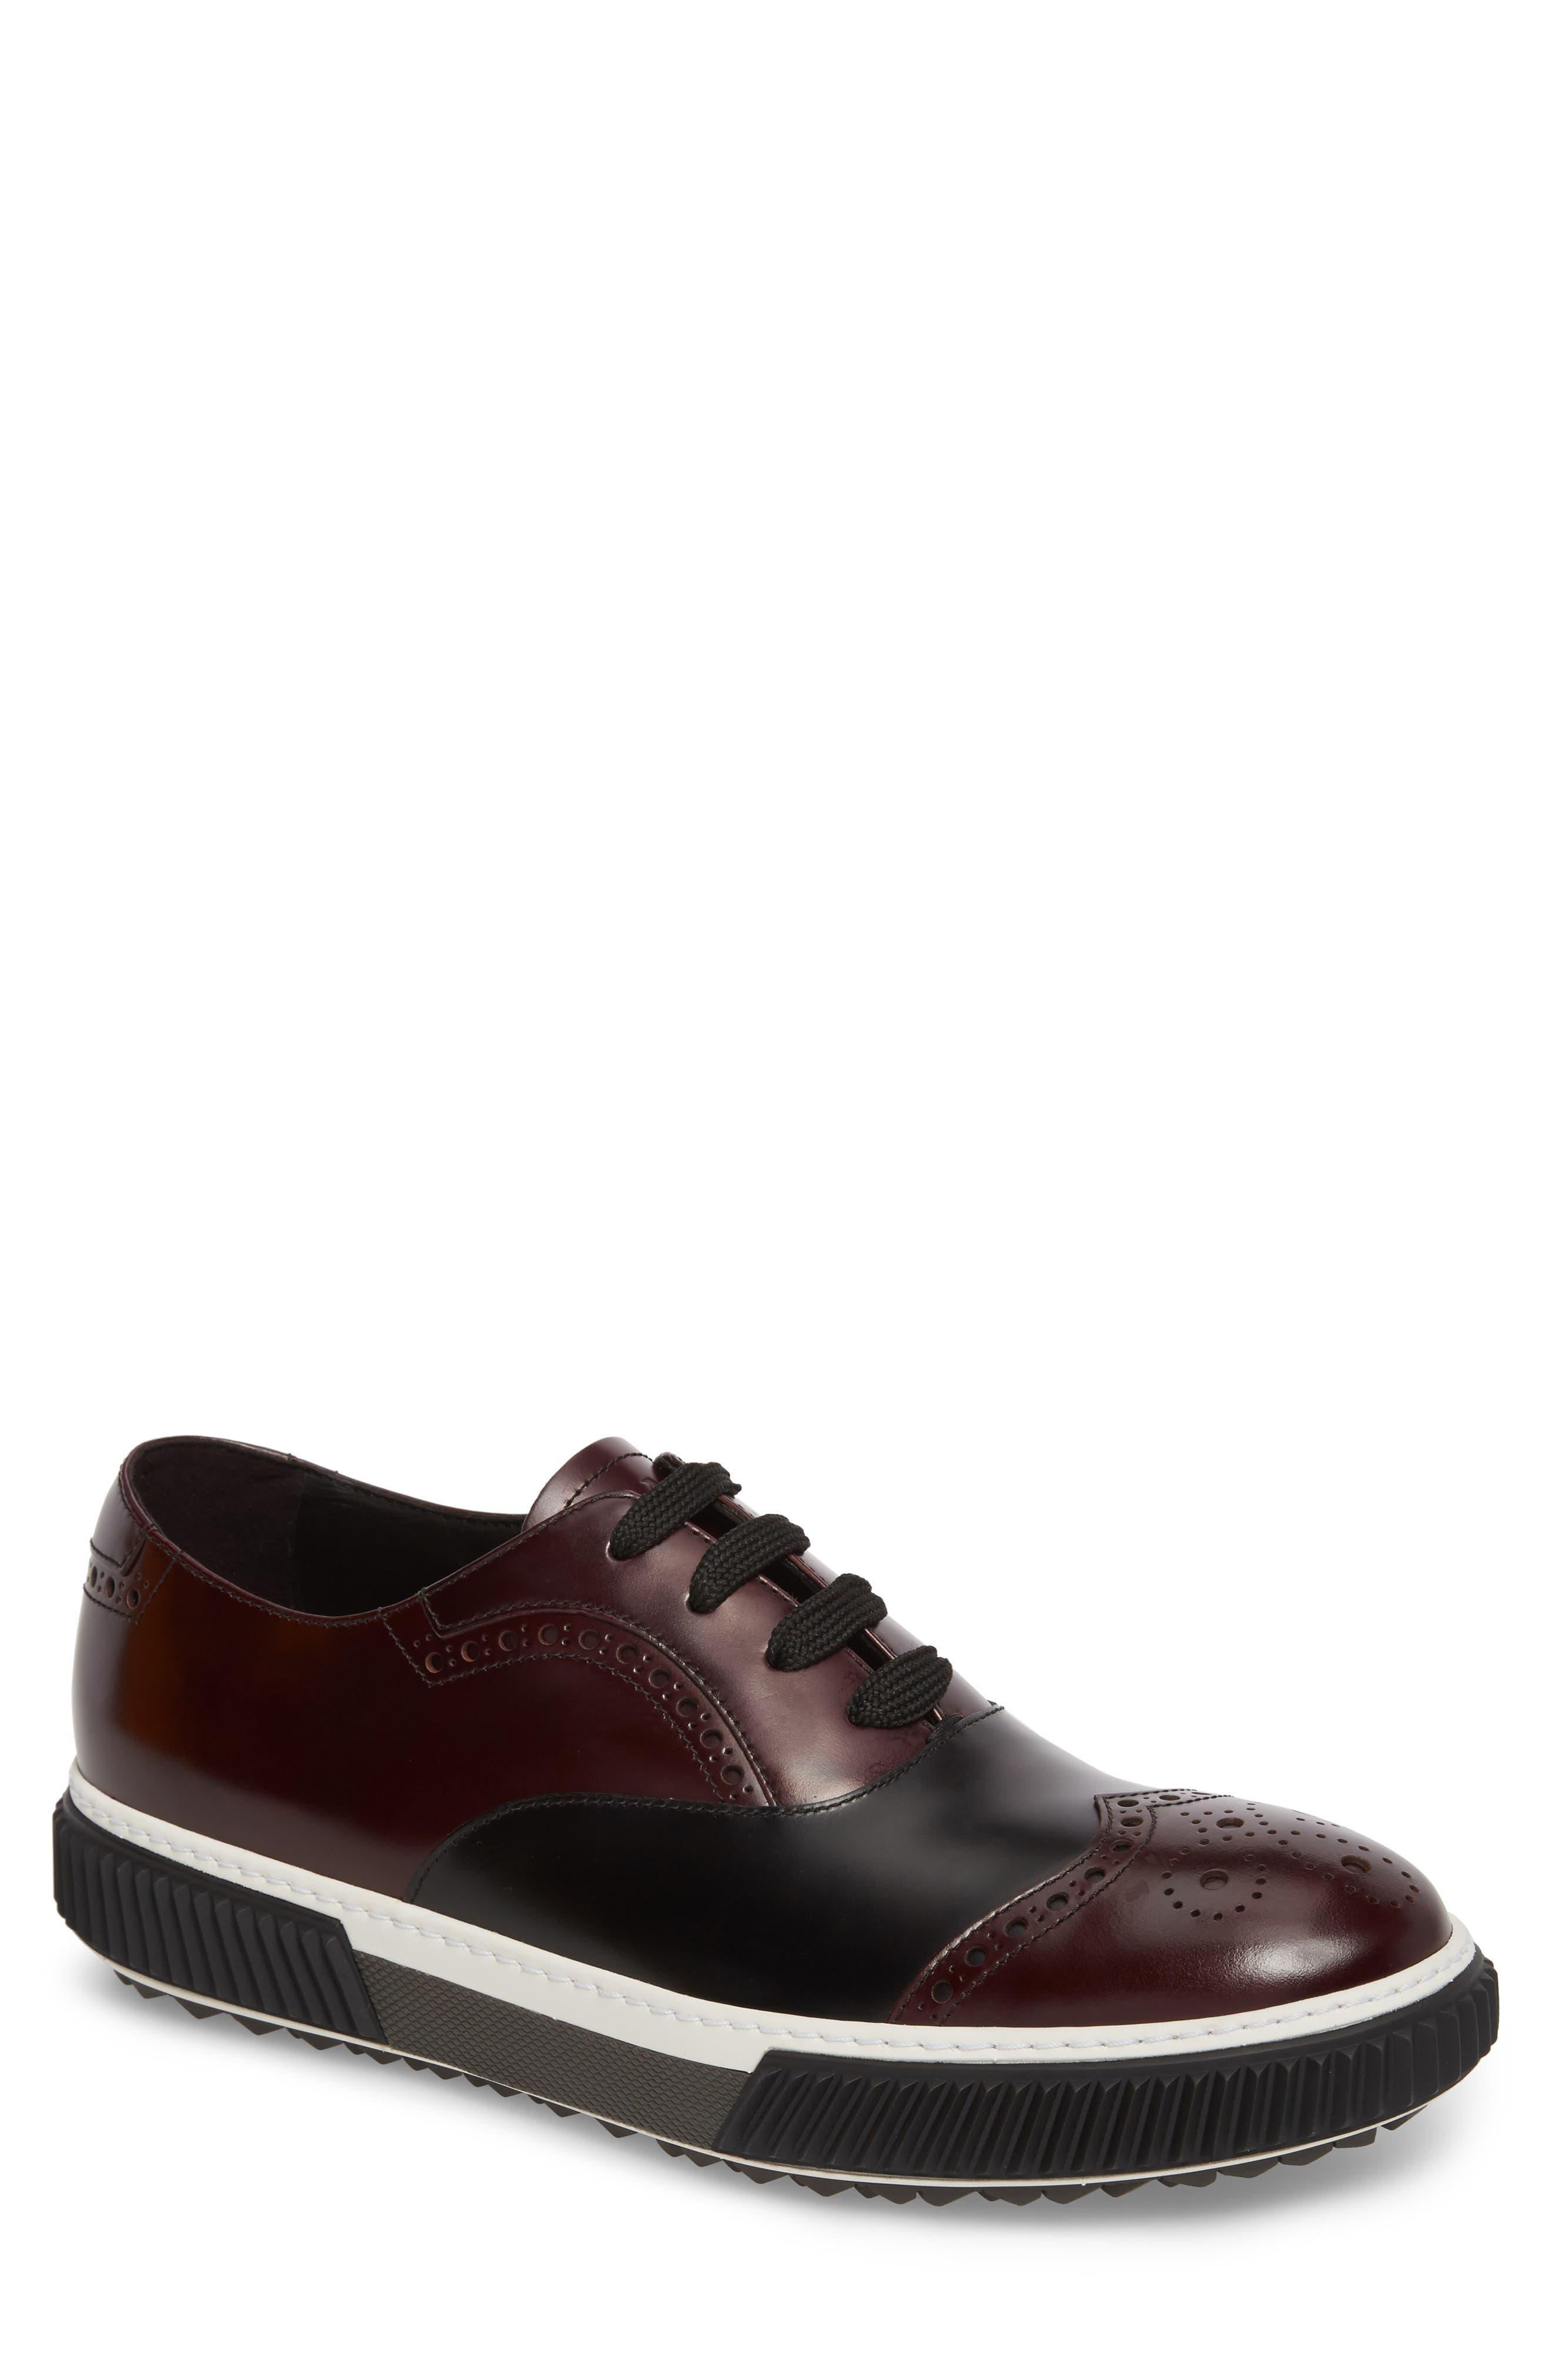 Alternate Image 1 Selected - Prada Linea Rossa Wingtip Sneaker (Men)